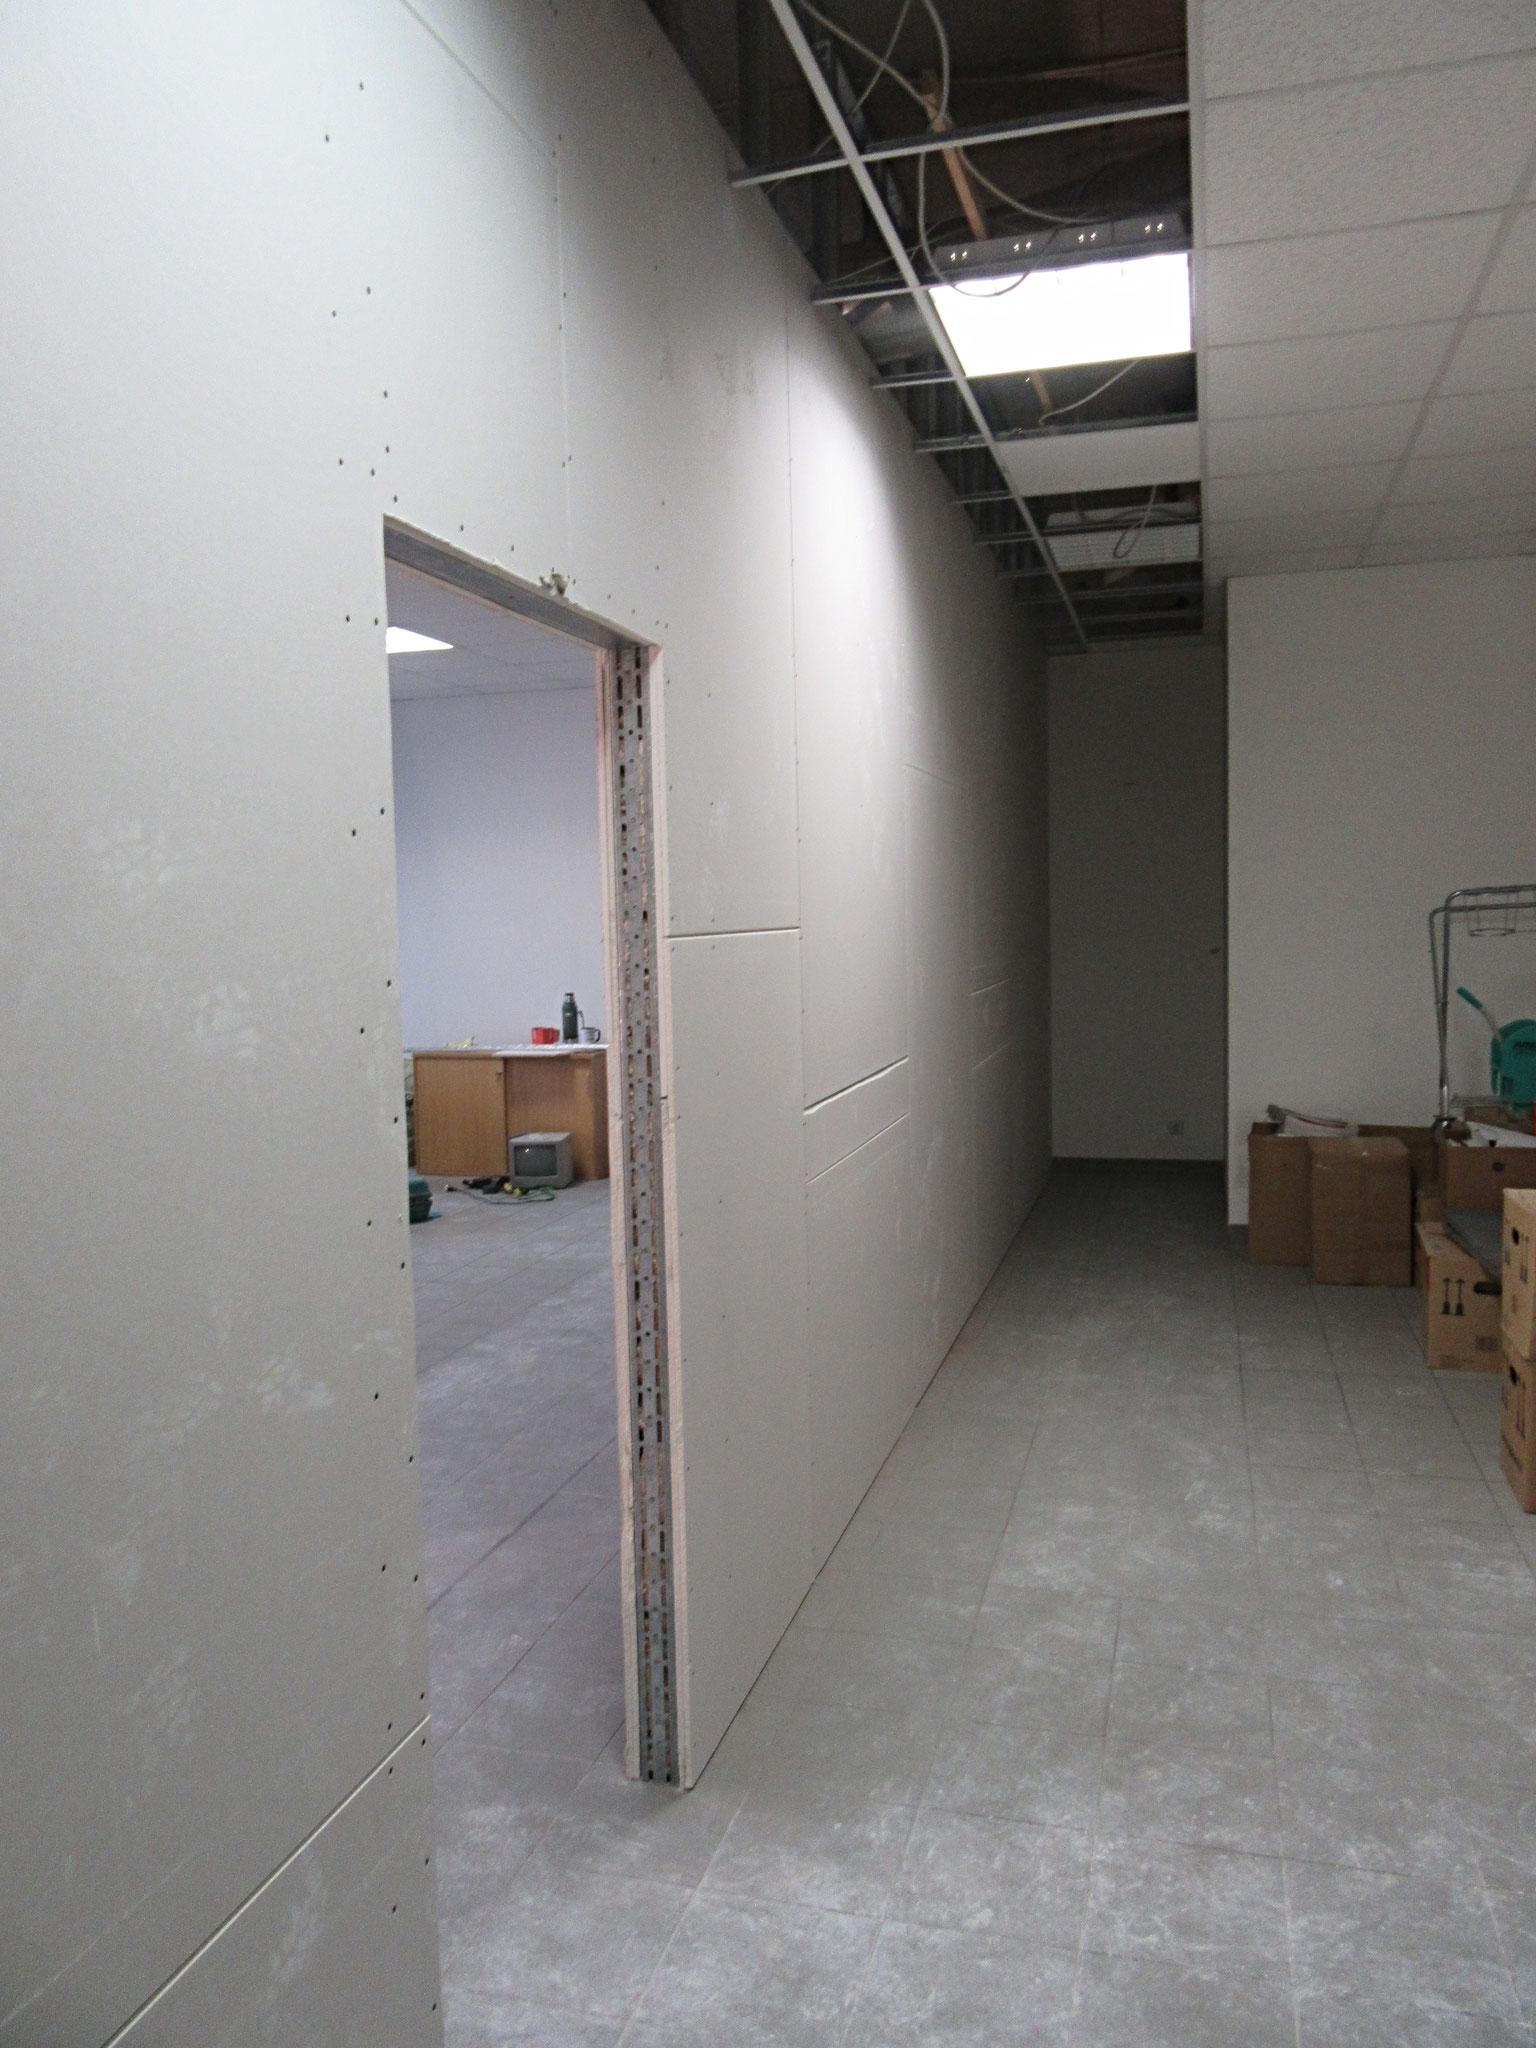 Fertiggestellte Wand noch nicht gespachtelt und geschliffen